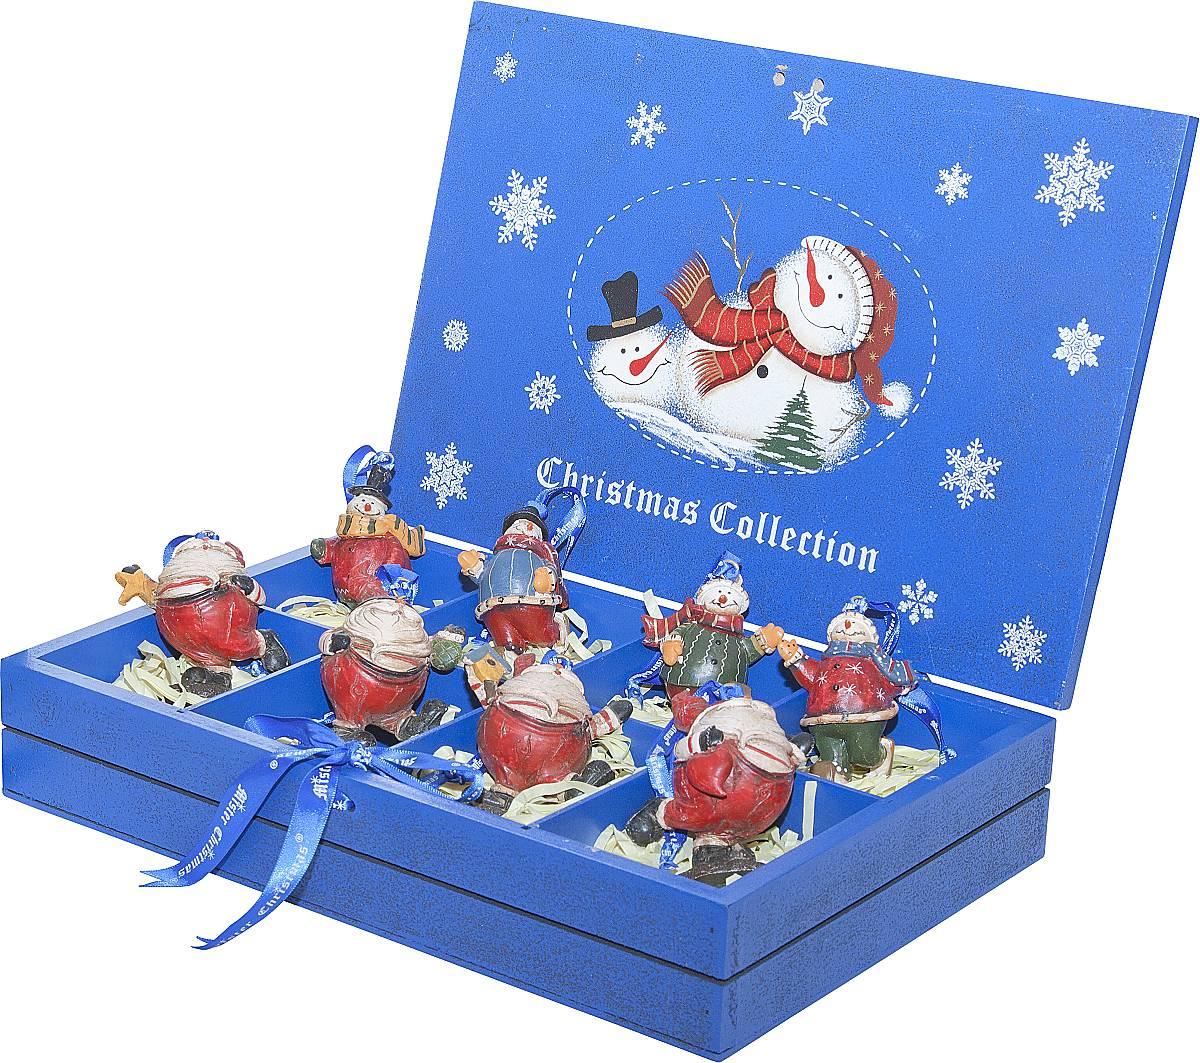 Набор новогодних подвесных украшений Mister Christmas, длина 8,5 см, 8 штLH-F3-SET/8Набор подвесных украшений Mister Christmas поможет стильно украсить новогоднюю елку. Изделия, выполненные из полистоуна в виде любимых нами Деда Мороза и снеговика, не оставят равнодушным никого, кто придет в ваш дом. Такие украшения не боятся падения, света или влаги и несмотря на размер достаточно легкие. Игрушки оснащены петелькой для подвешивания. Набор упакован в коробку из натуральной древесины, выкрашенную в насыщенный голубой цвет и украшенную рисунком. Такие украшения станут превосходным подарком к Новому году, а так же дополнят коллекцию оригинальных новогодних елочных игрушек.